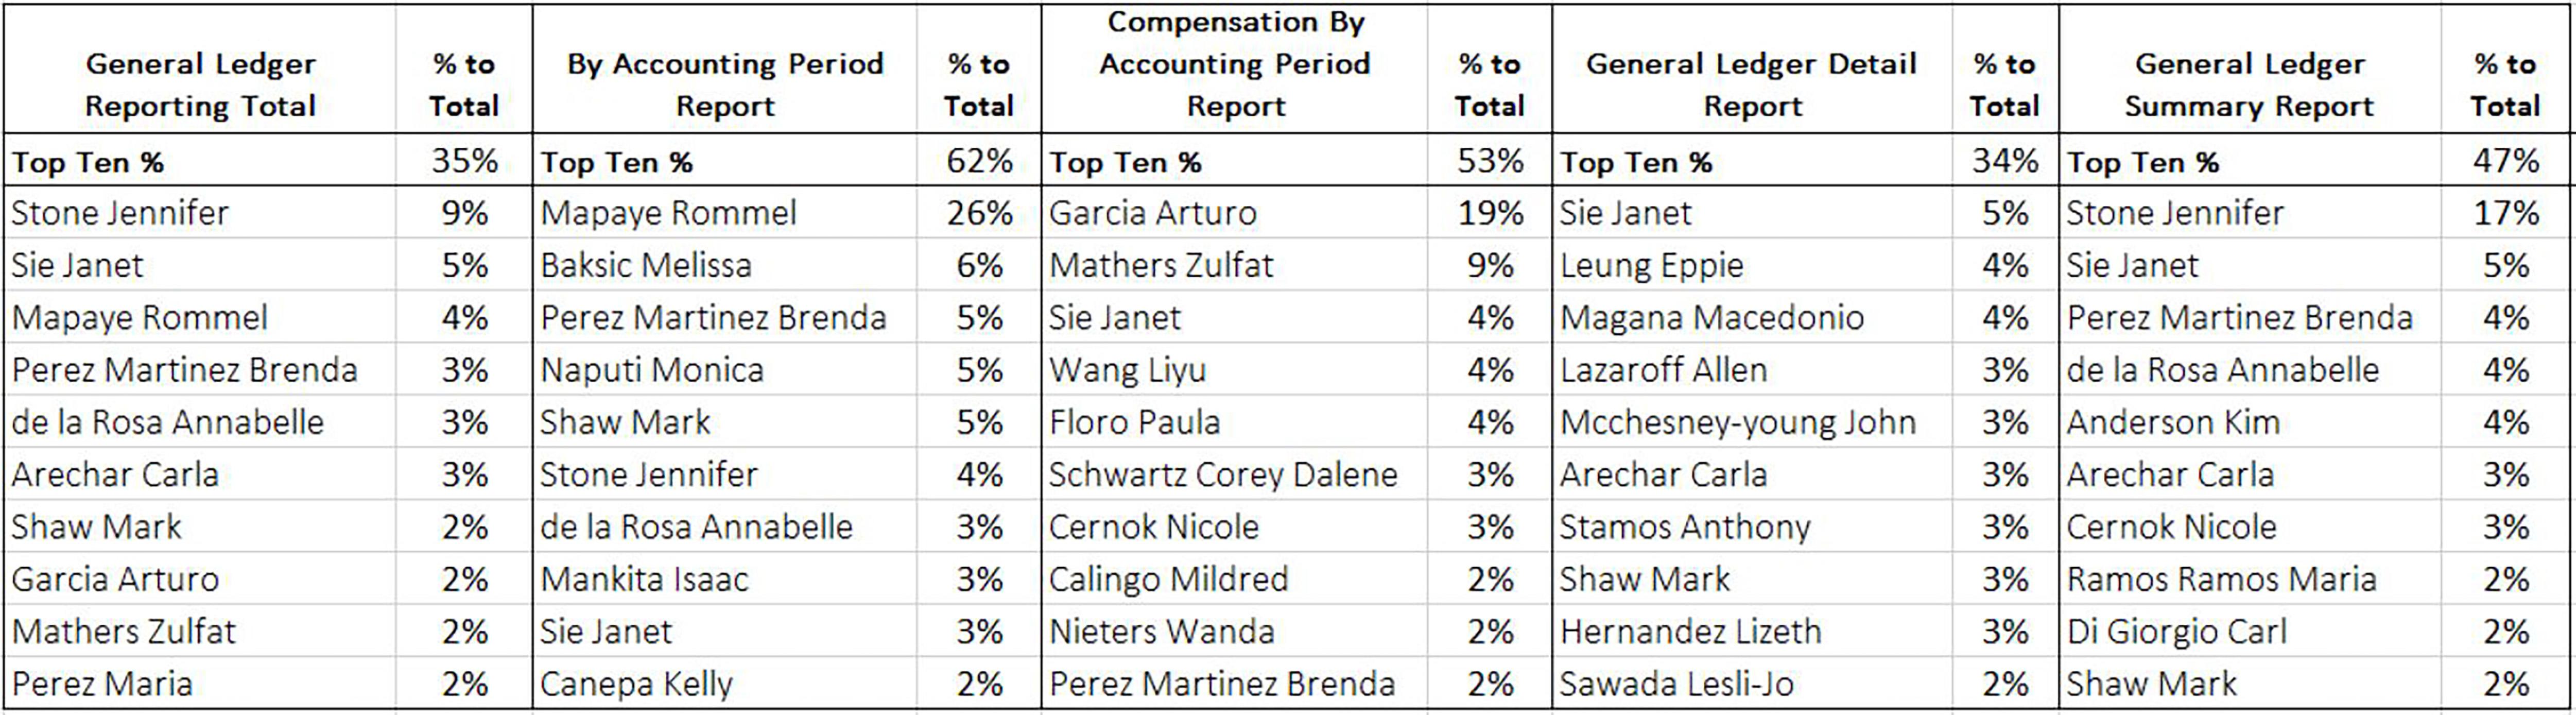 June 2018 Top 10 General Ledger Report Runners